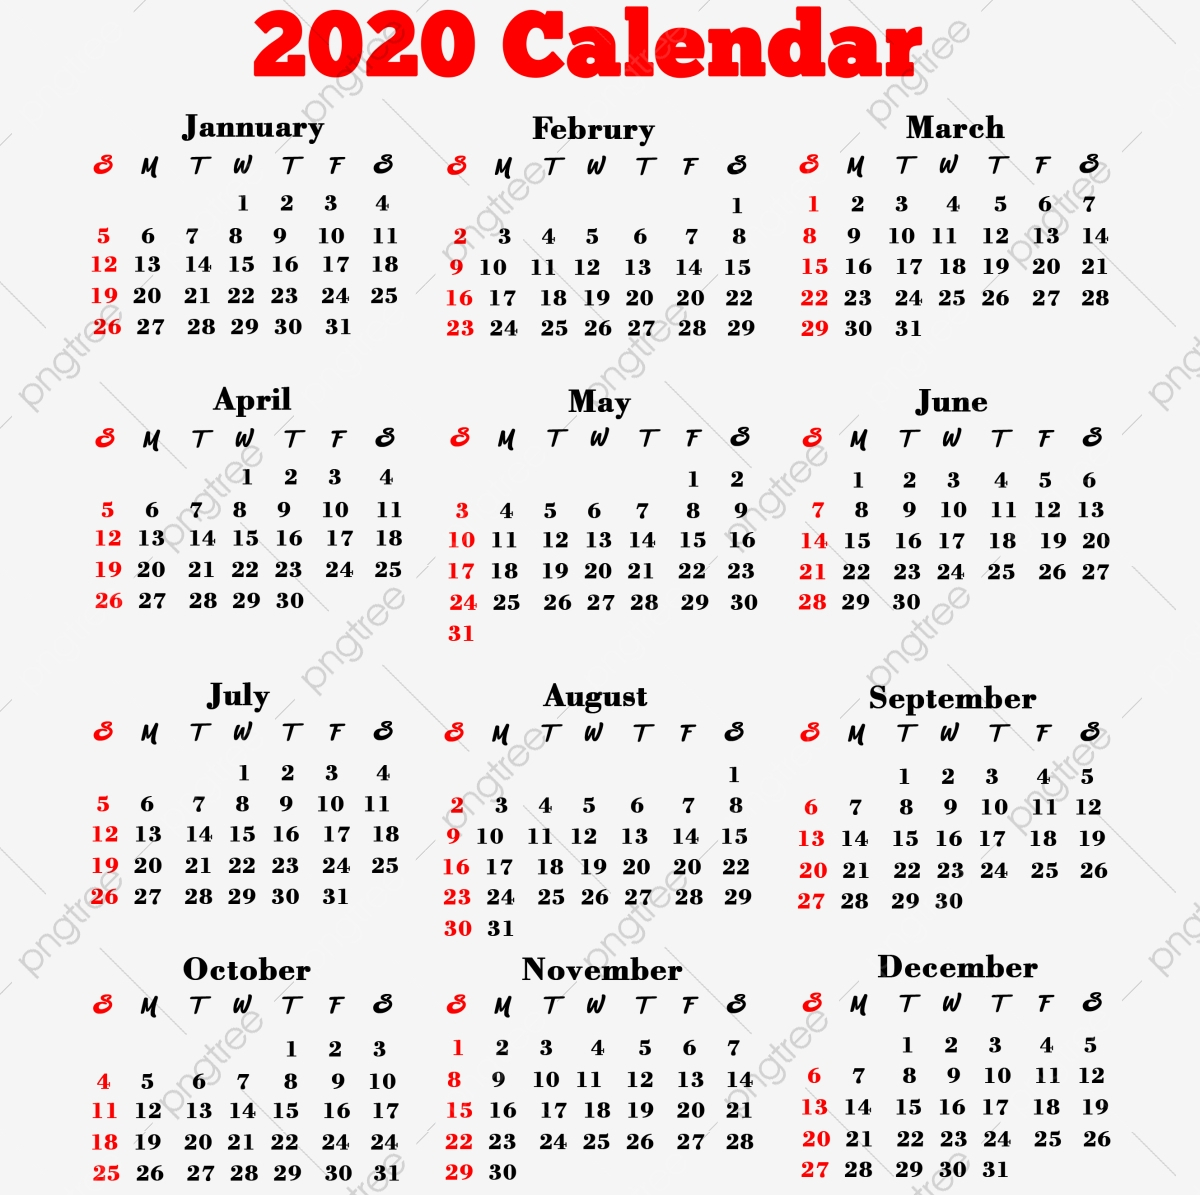 К 2020 Году Календарь Пнг К 2020 Году К 2020 Году Календарь К 2020